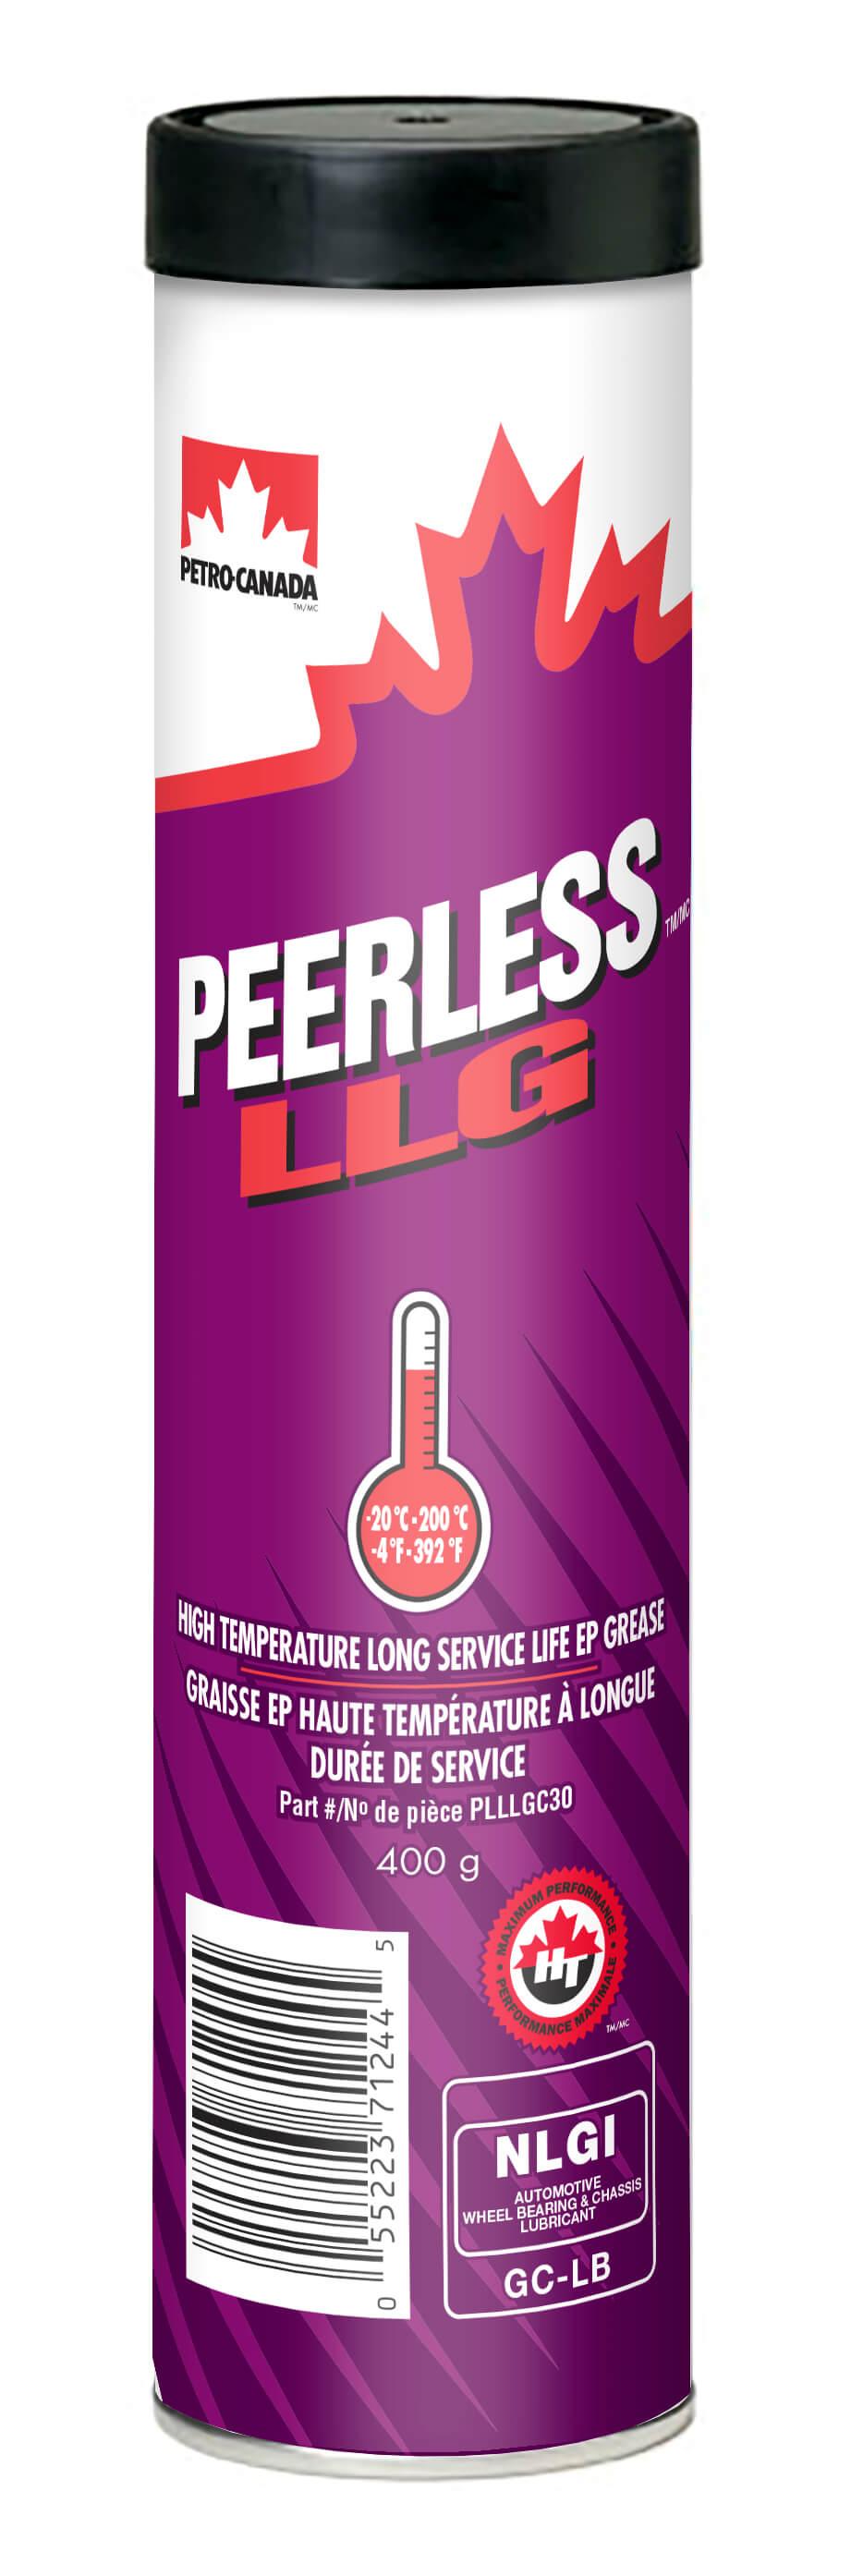 Petro-Canada   Peerless LLG